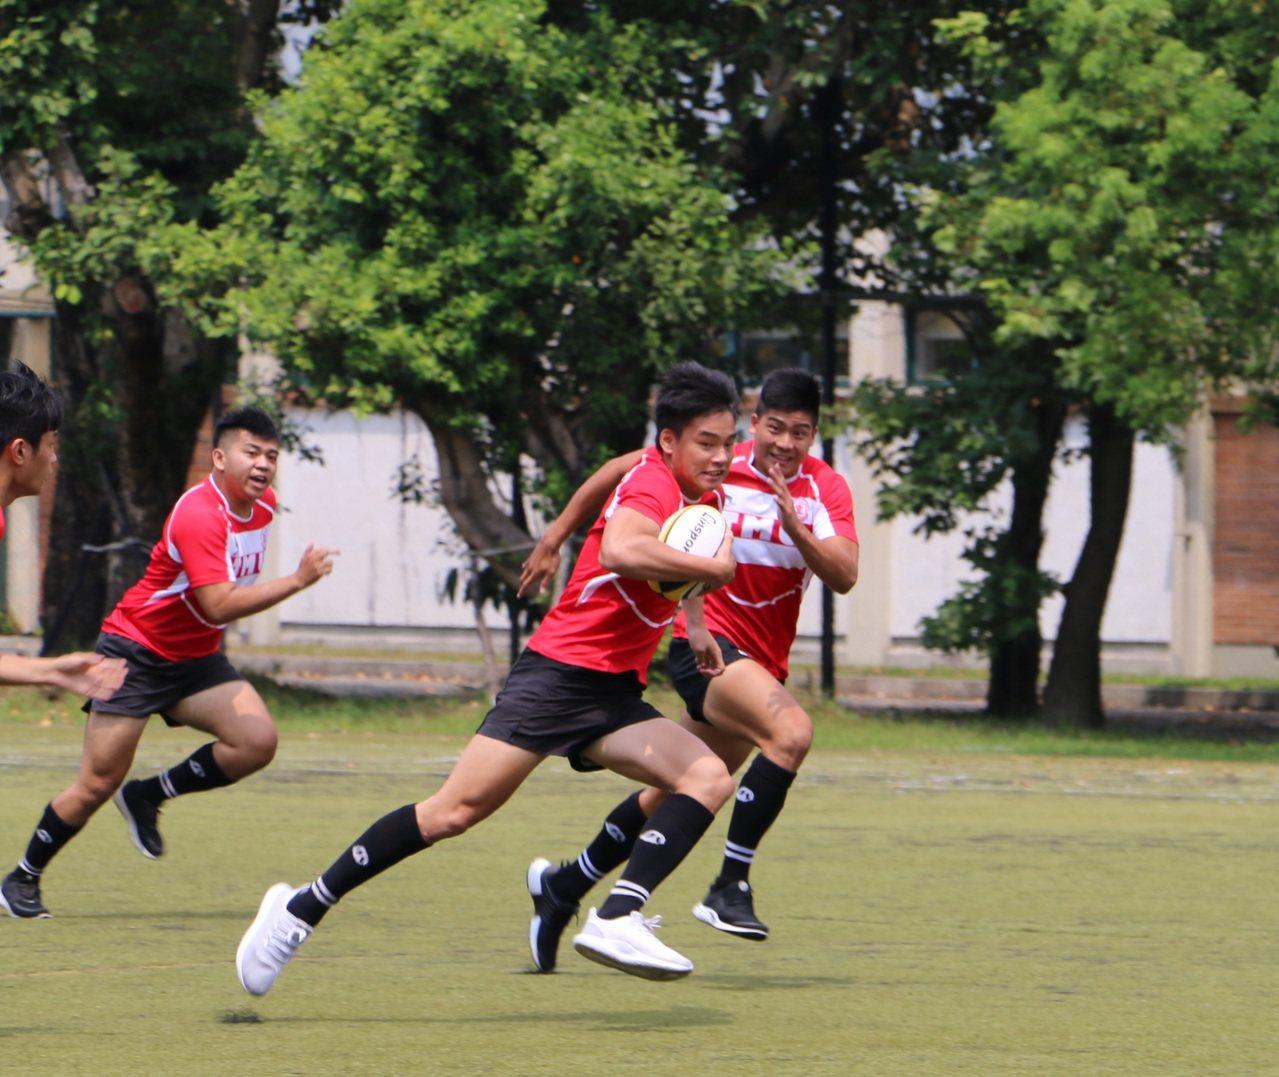 台北醫學大學首支甲組橄欖球今年正式成軍。圖/北醫大提供